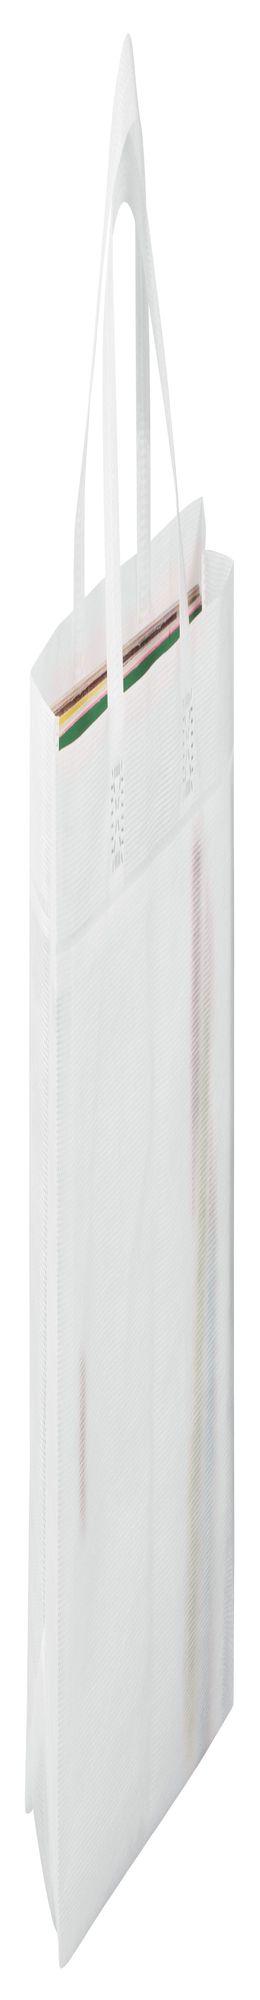 Сумка для покупок Span 3D, белая фото